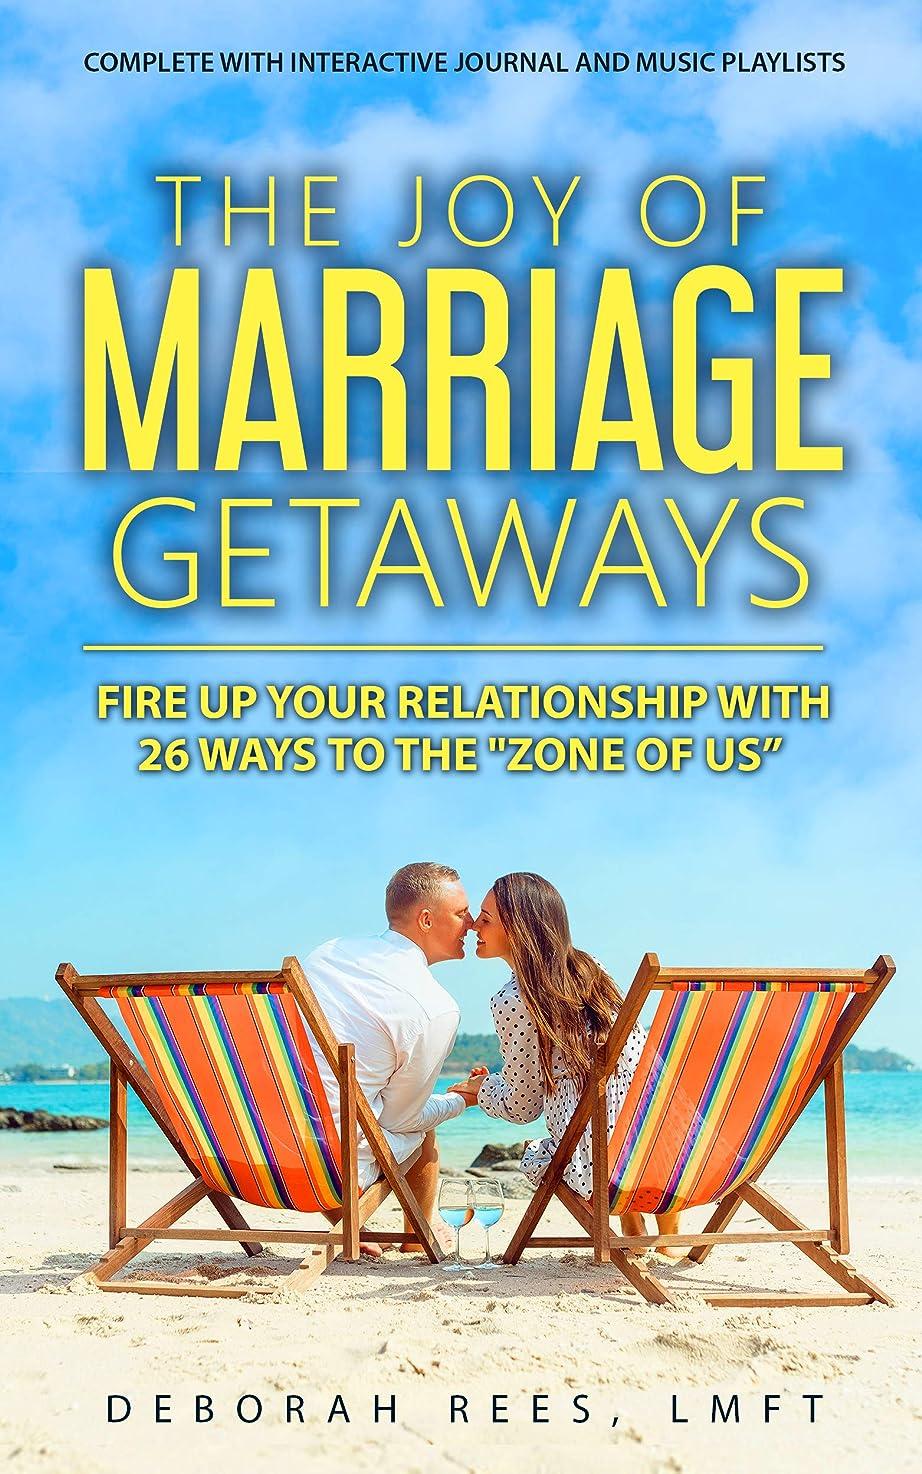 ジーンズ自分のために記念碑的なThe Joy of Marriage Getaways: Fire Up Your Relationship with 26 Ways to the